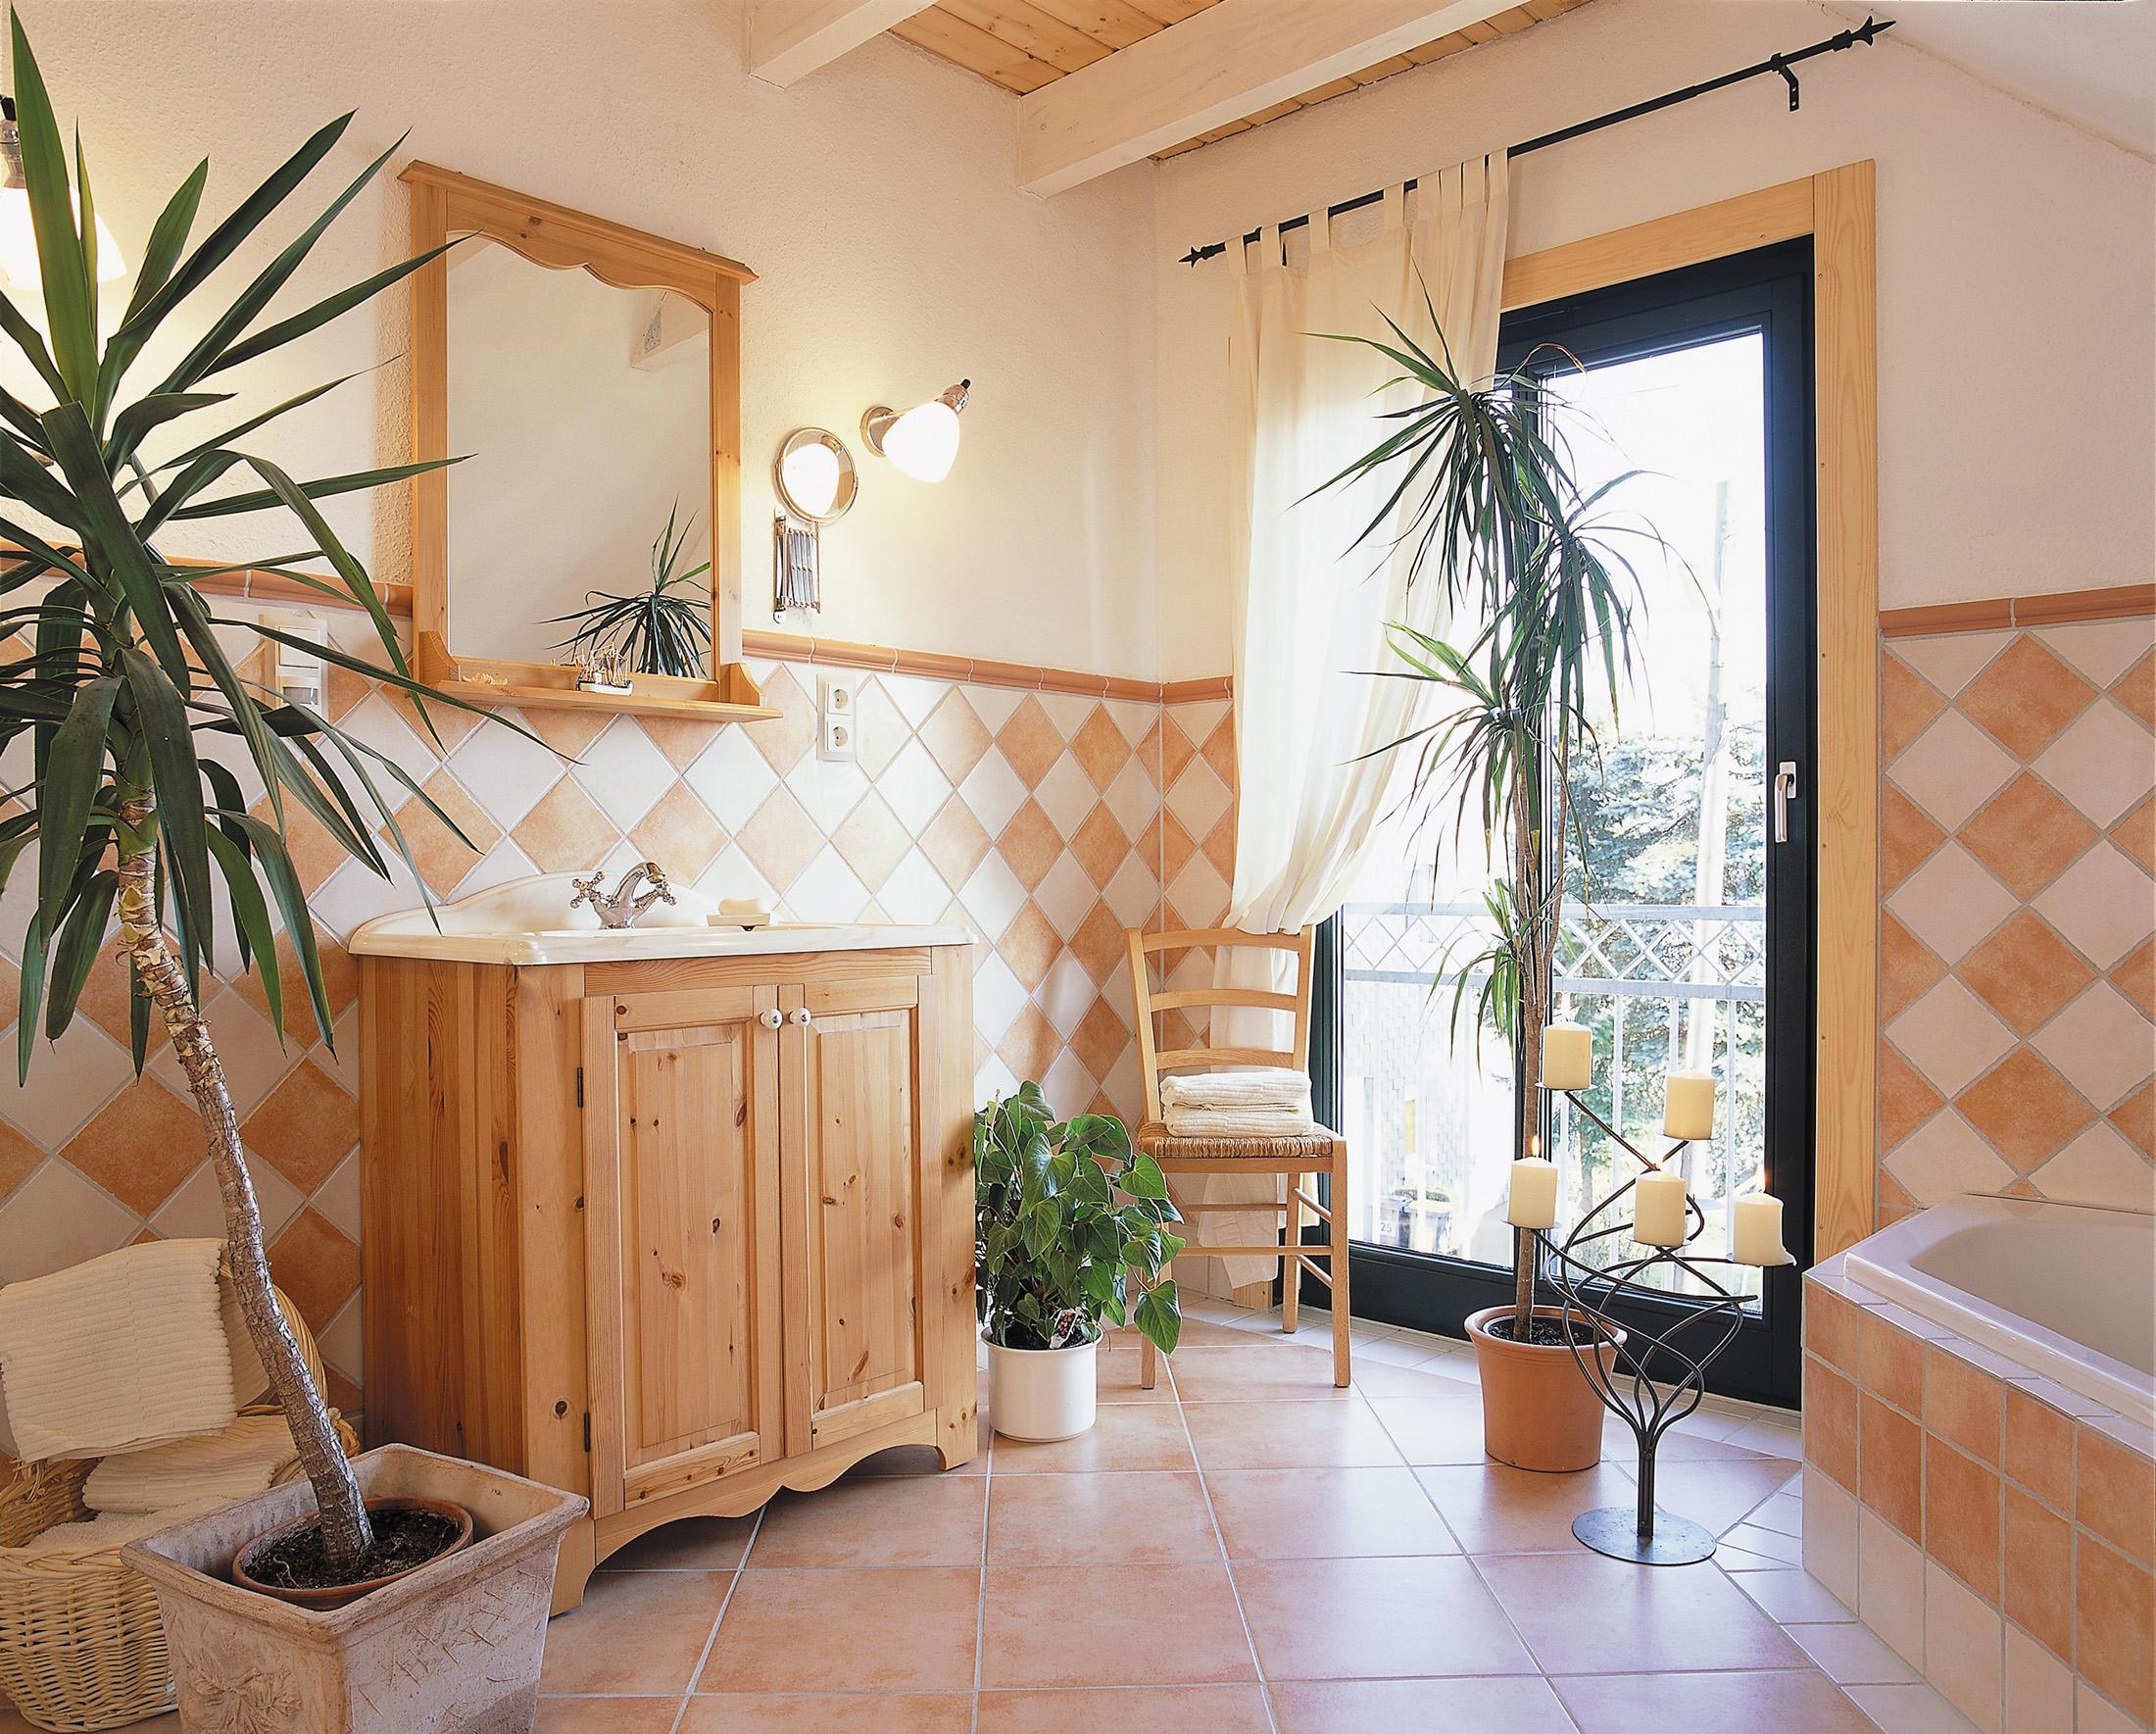 Full Size of Vorhang Terrassentür Balkontr Bilder Ideen Couch Bad Wohnzimmer Küche Wohnzimmer Vorhang Terrassentür